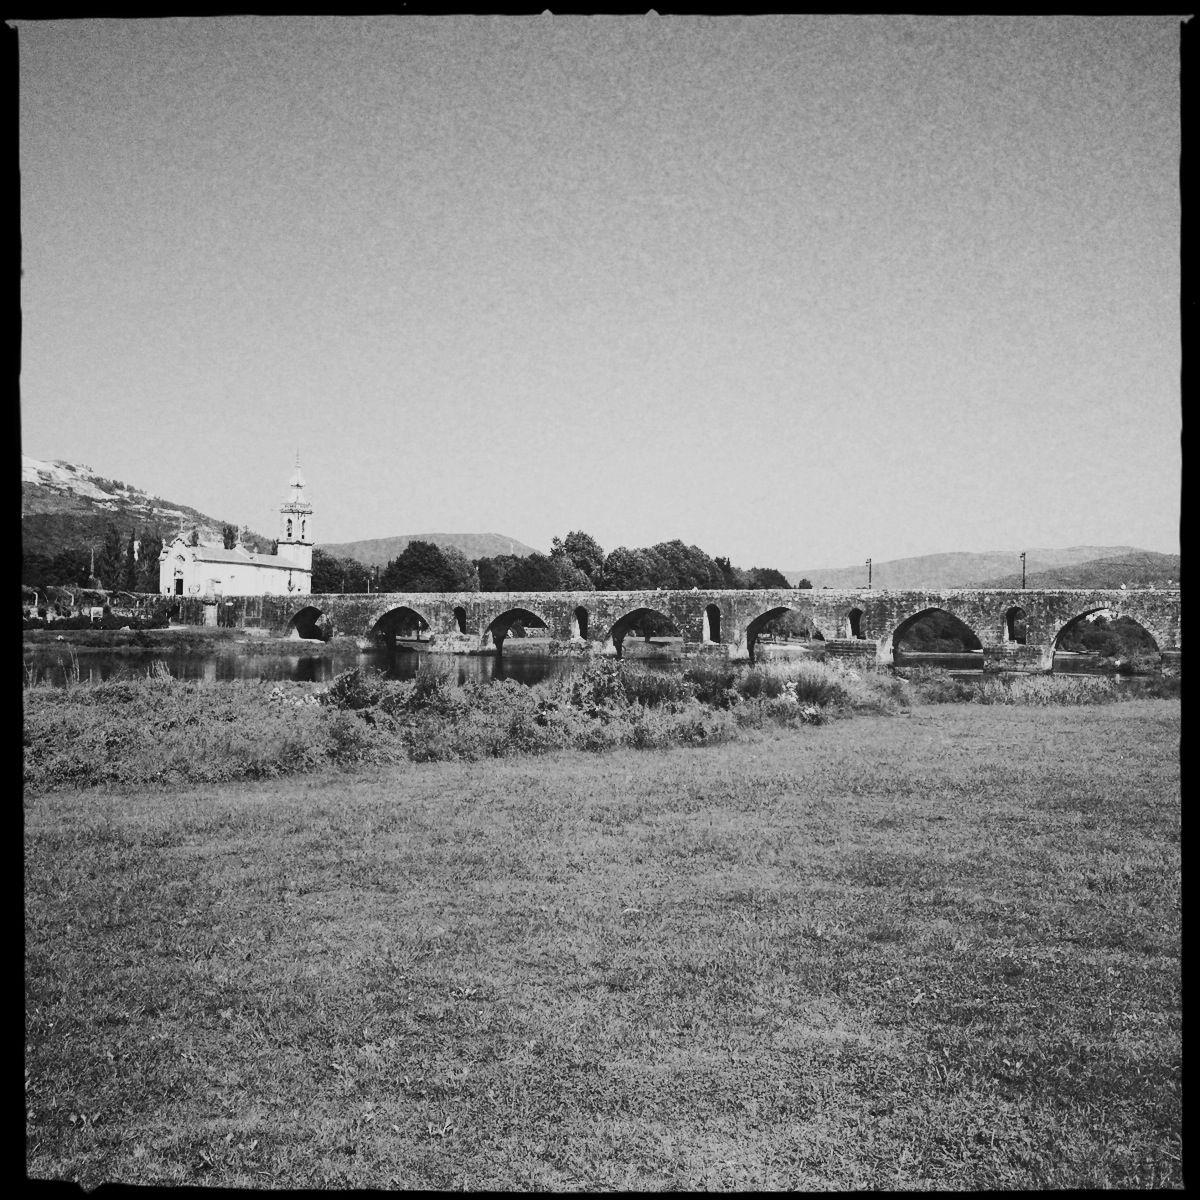 Nicht minder hübsch: Ponte de Lima, ein Dorf in der Provinz Minho, in dem die Römer eine Brücke hinterlassen haben